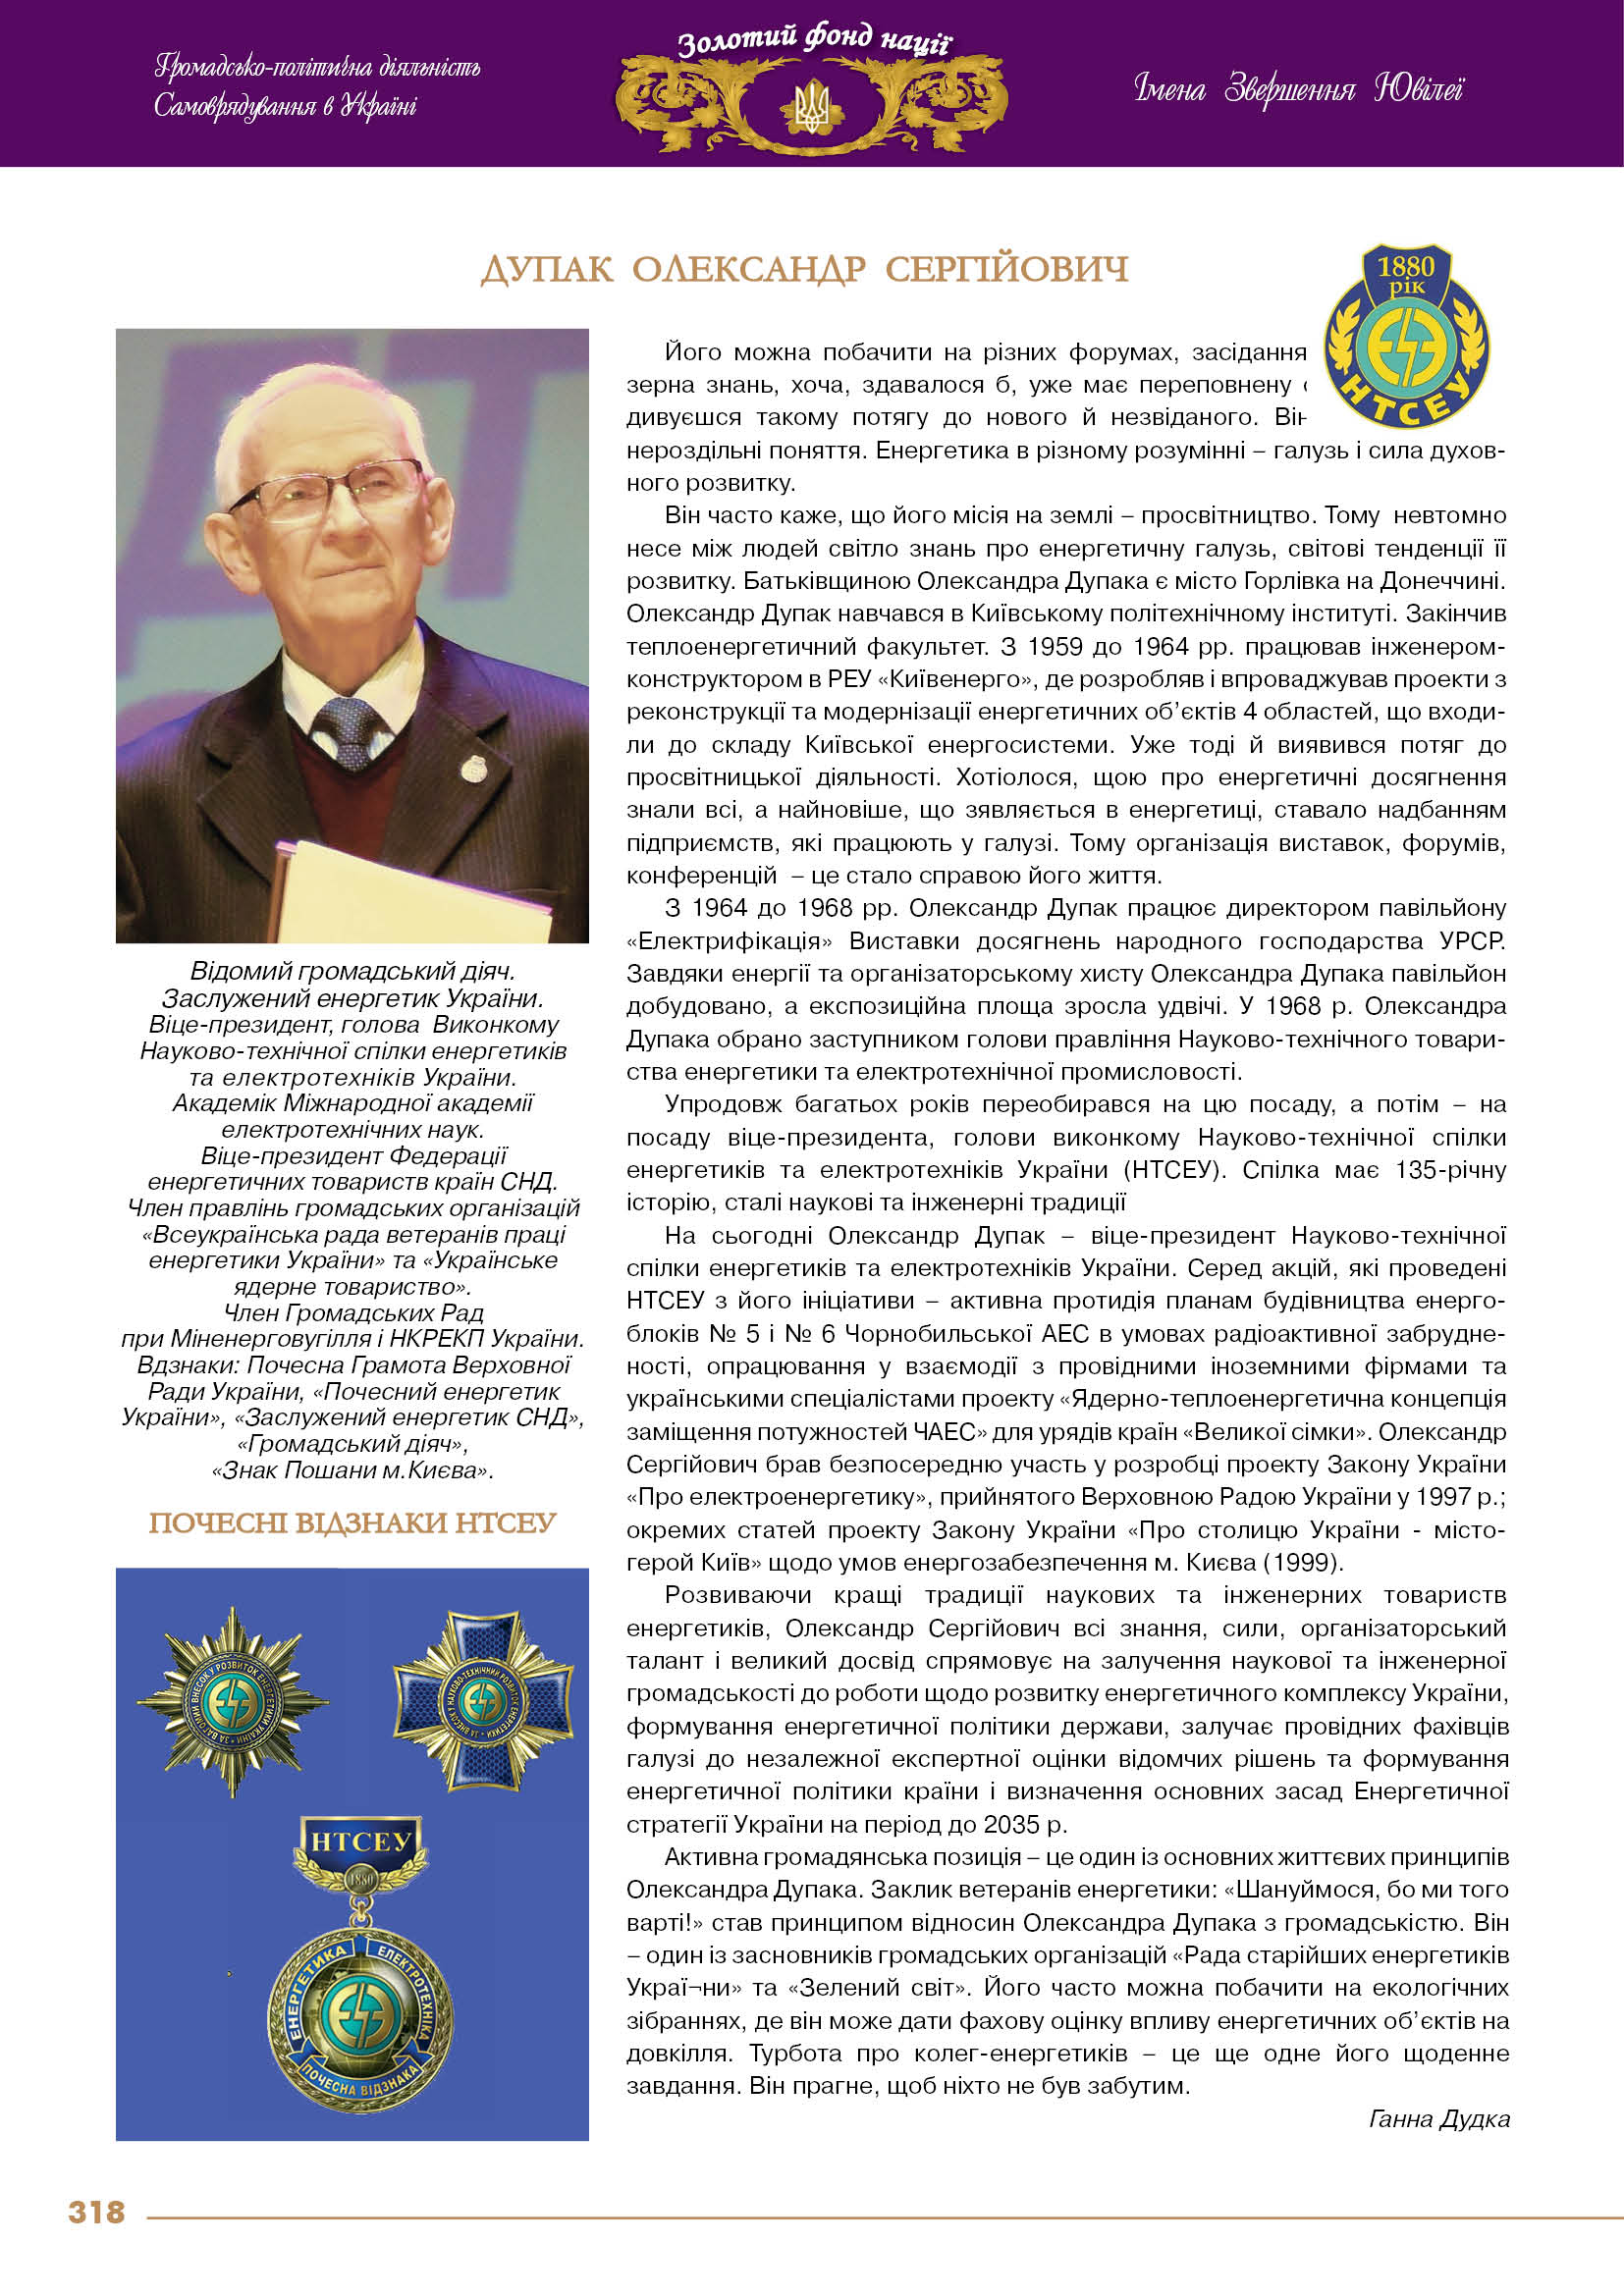 Дупак  Олександр  Сергійович